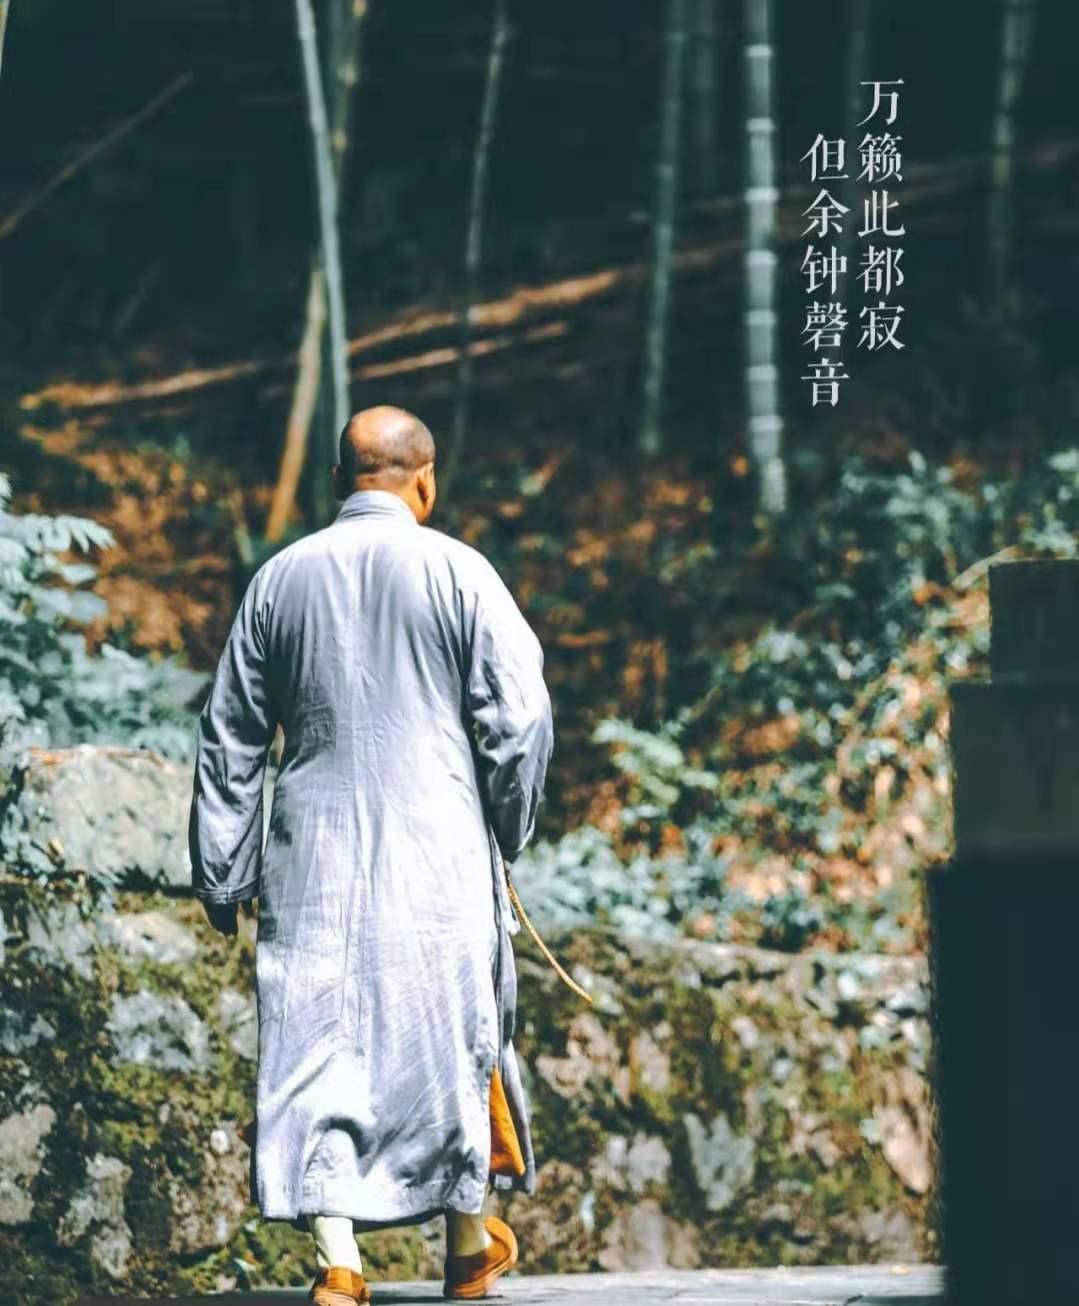 宁波四大私藏级美景推荐,只为邂逅最美景色,超易出片暑期必去